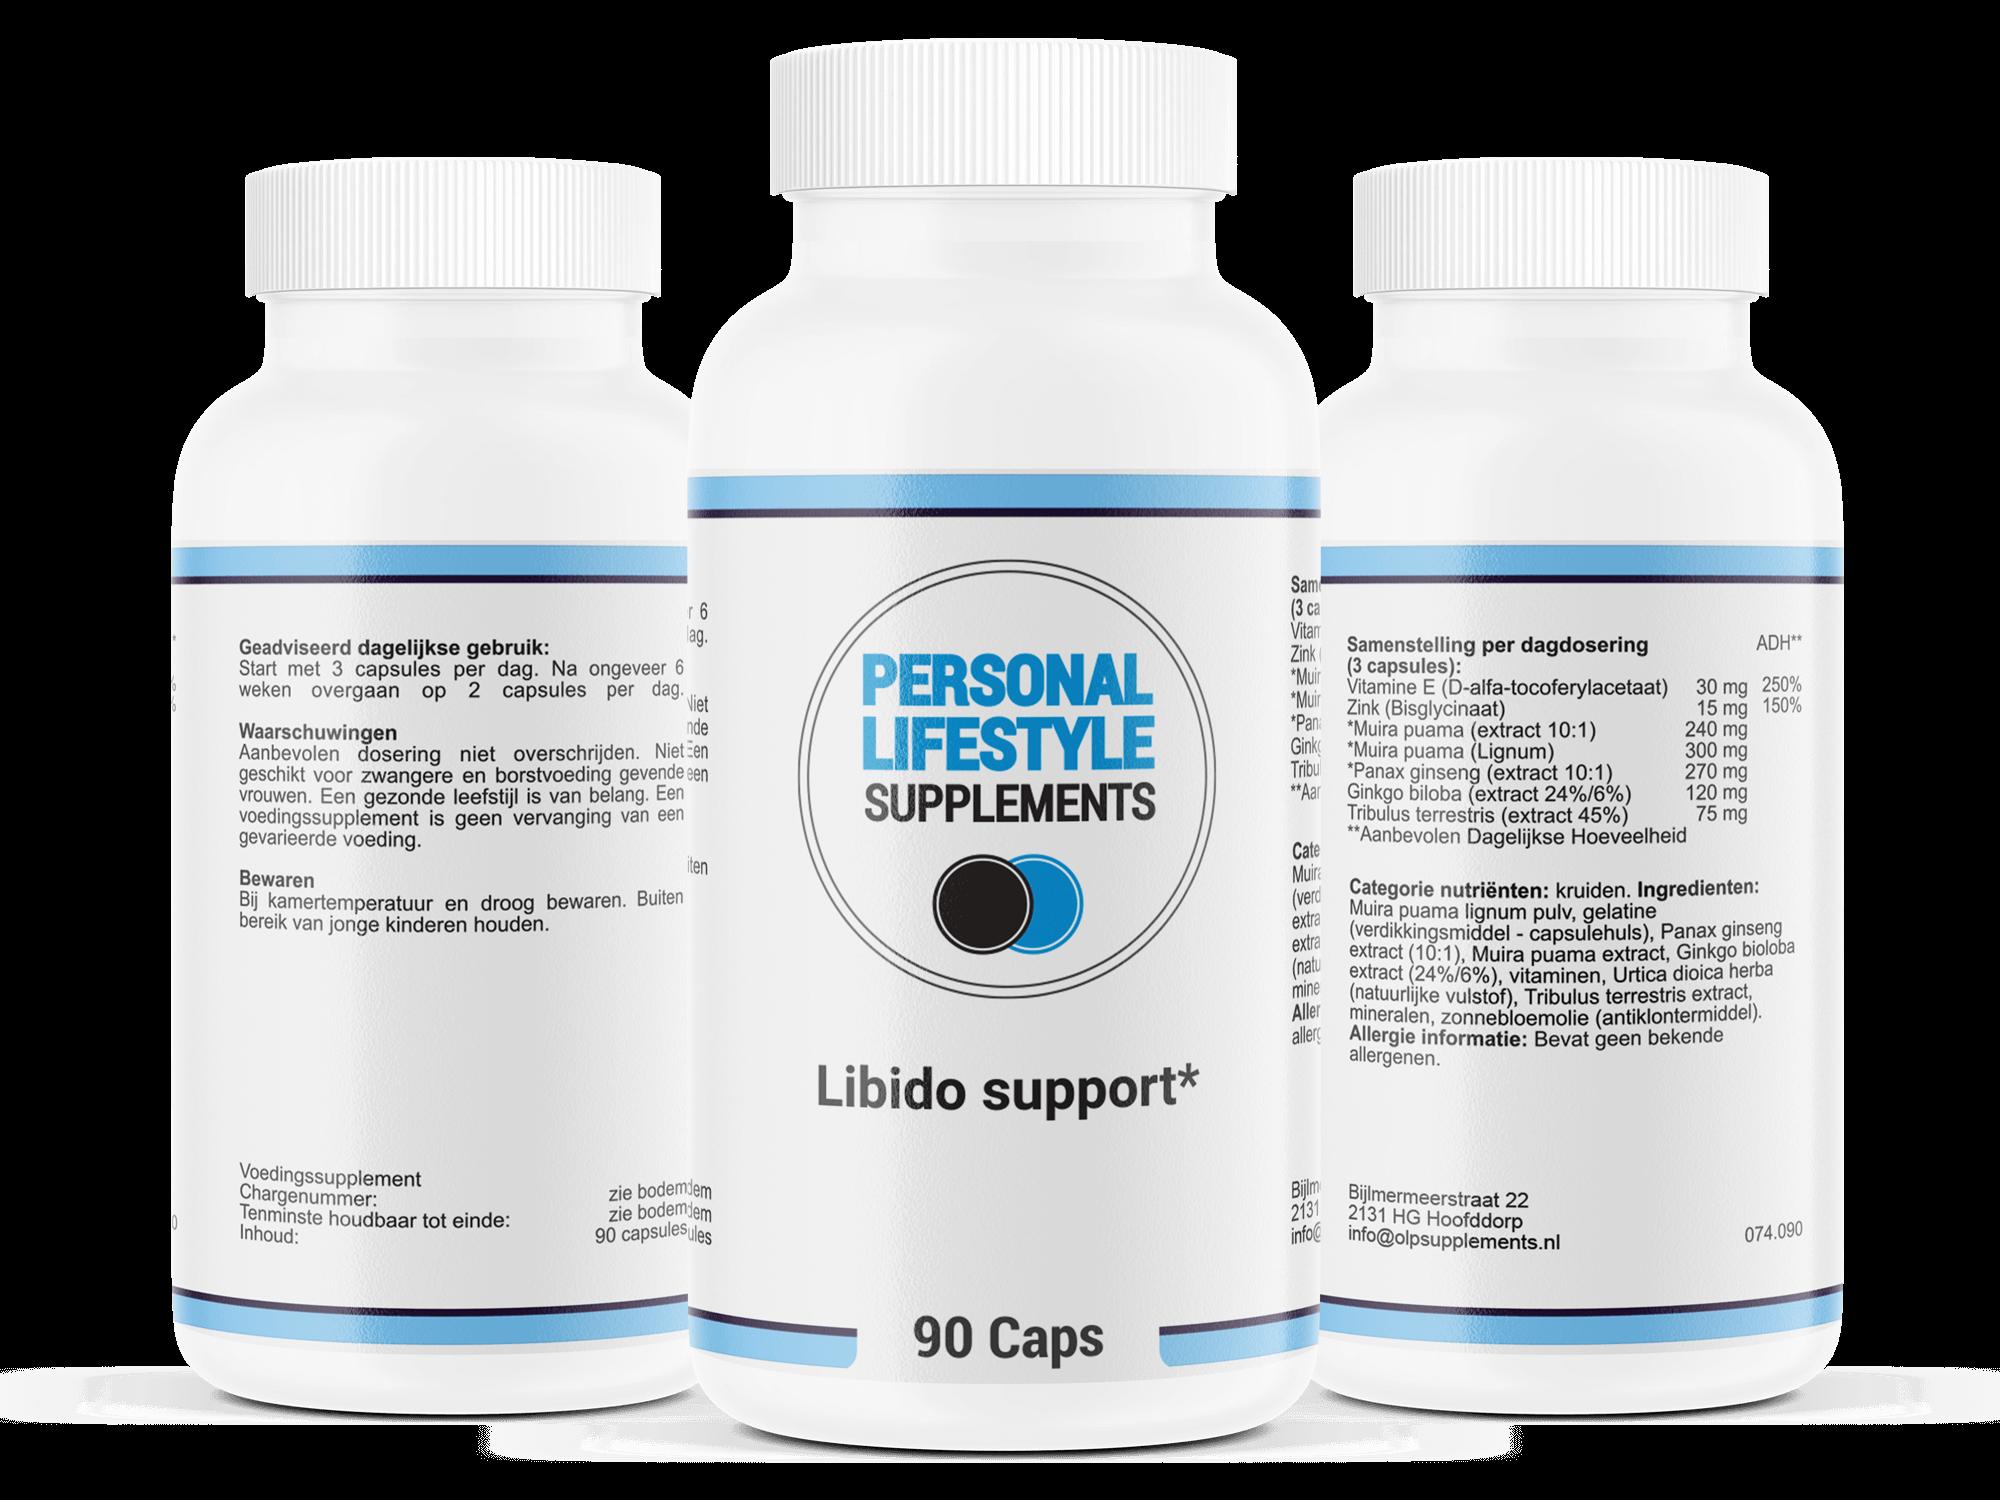 Libido-verhogen-supplement-stimuleert-testosterongehalte-libido-pillen-bevat-ginseng-voor-man-en-vrouw